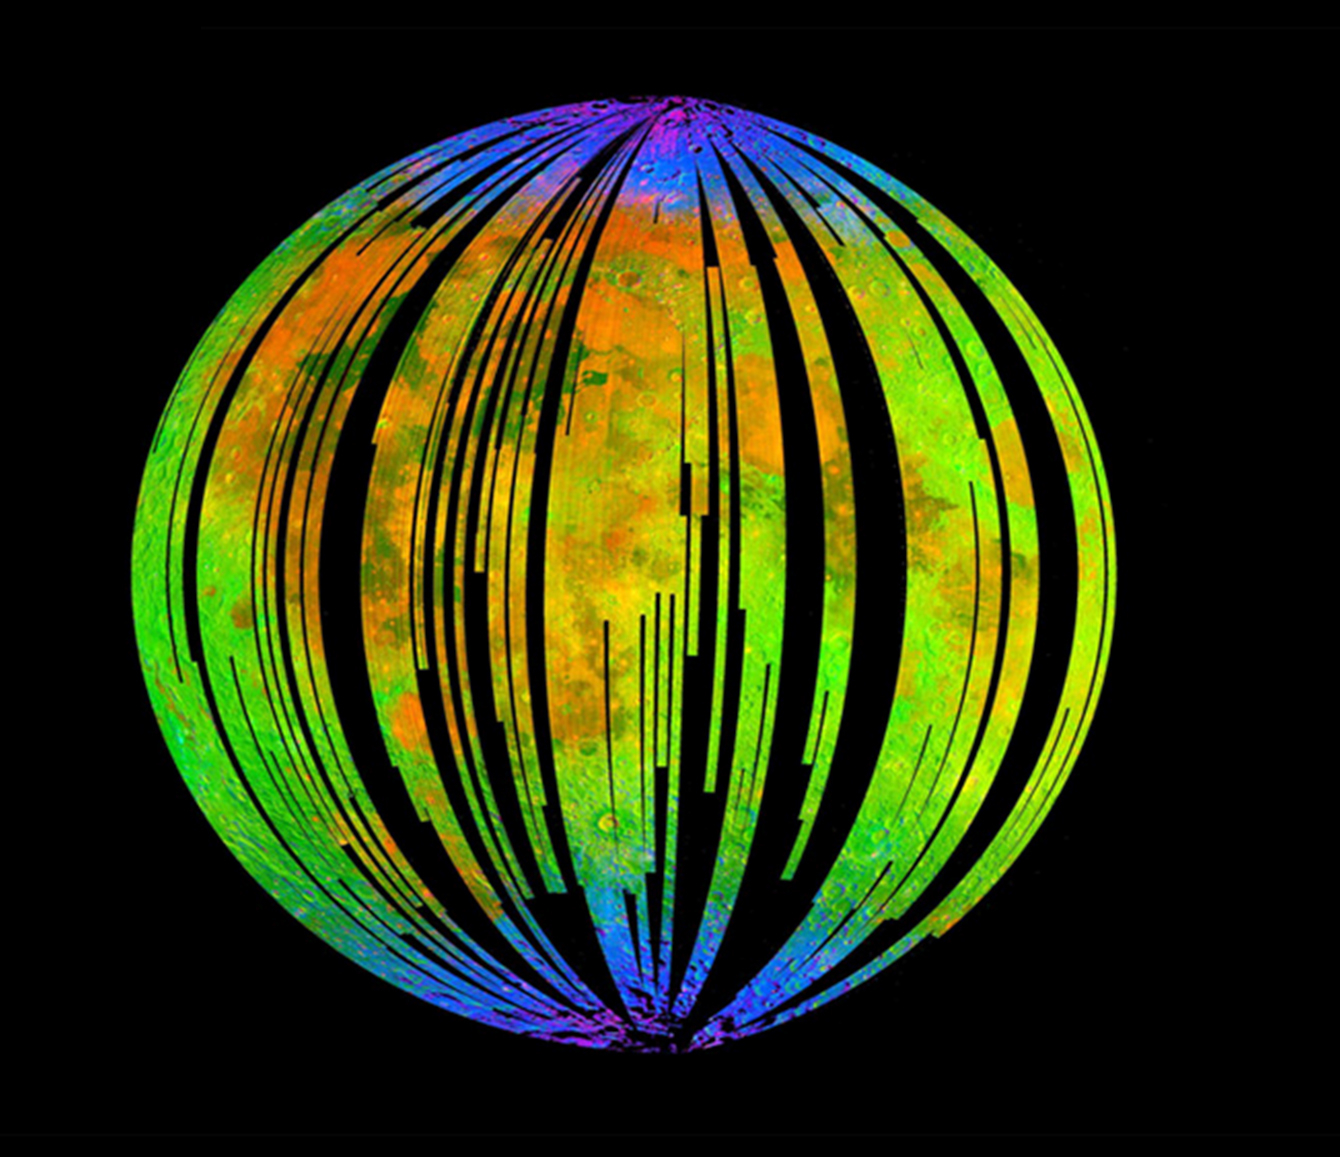 Acqua sulla Luna: ultime novità acqua, Associazione LOfficina, Cesare Guaita, Civico Planetario Ulrico Hoepli, Clementine-1, LRO, luna, lunar prospector, Moon Mineralogy Mapper, sonda LCROSS